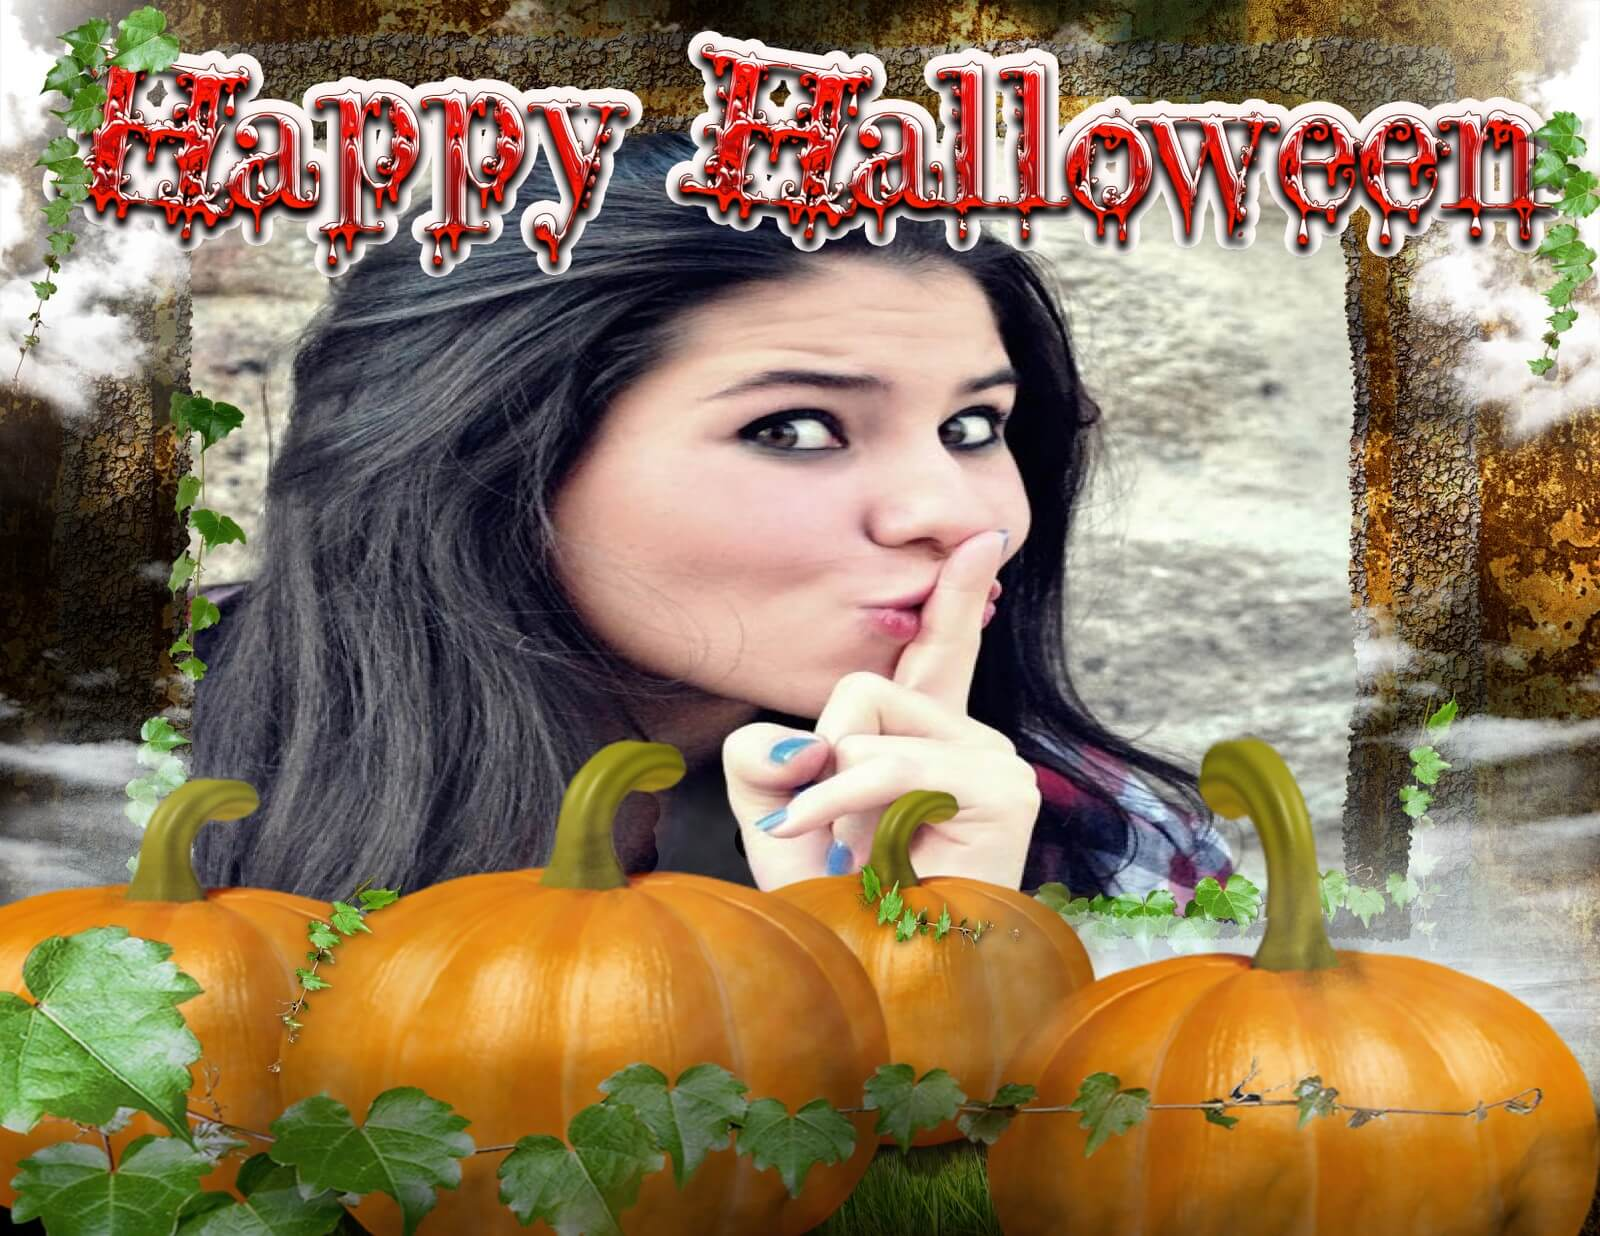 montagem-de-fotos-happy-halloween-com-abobora